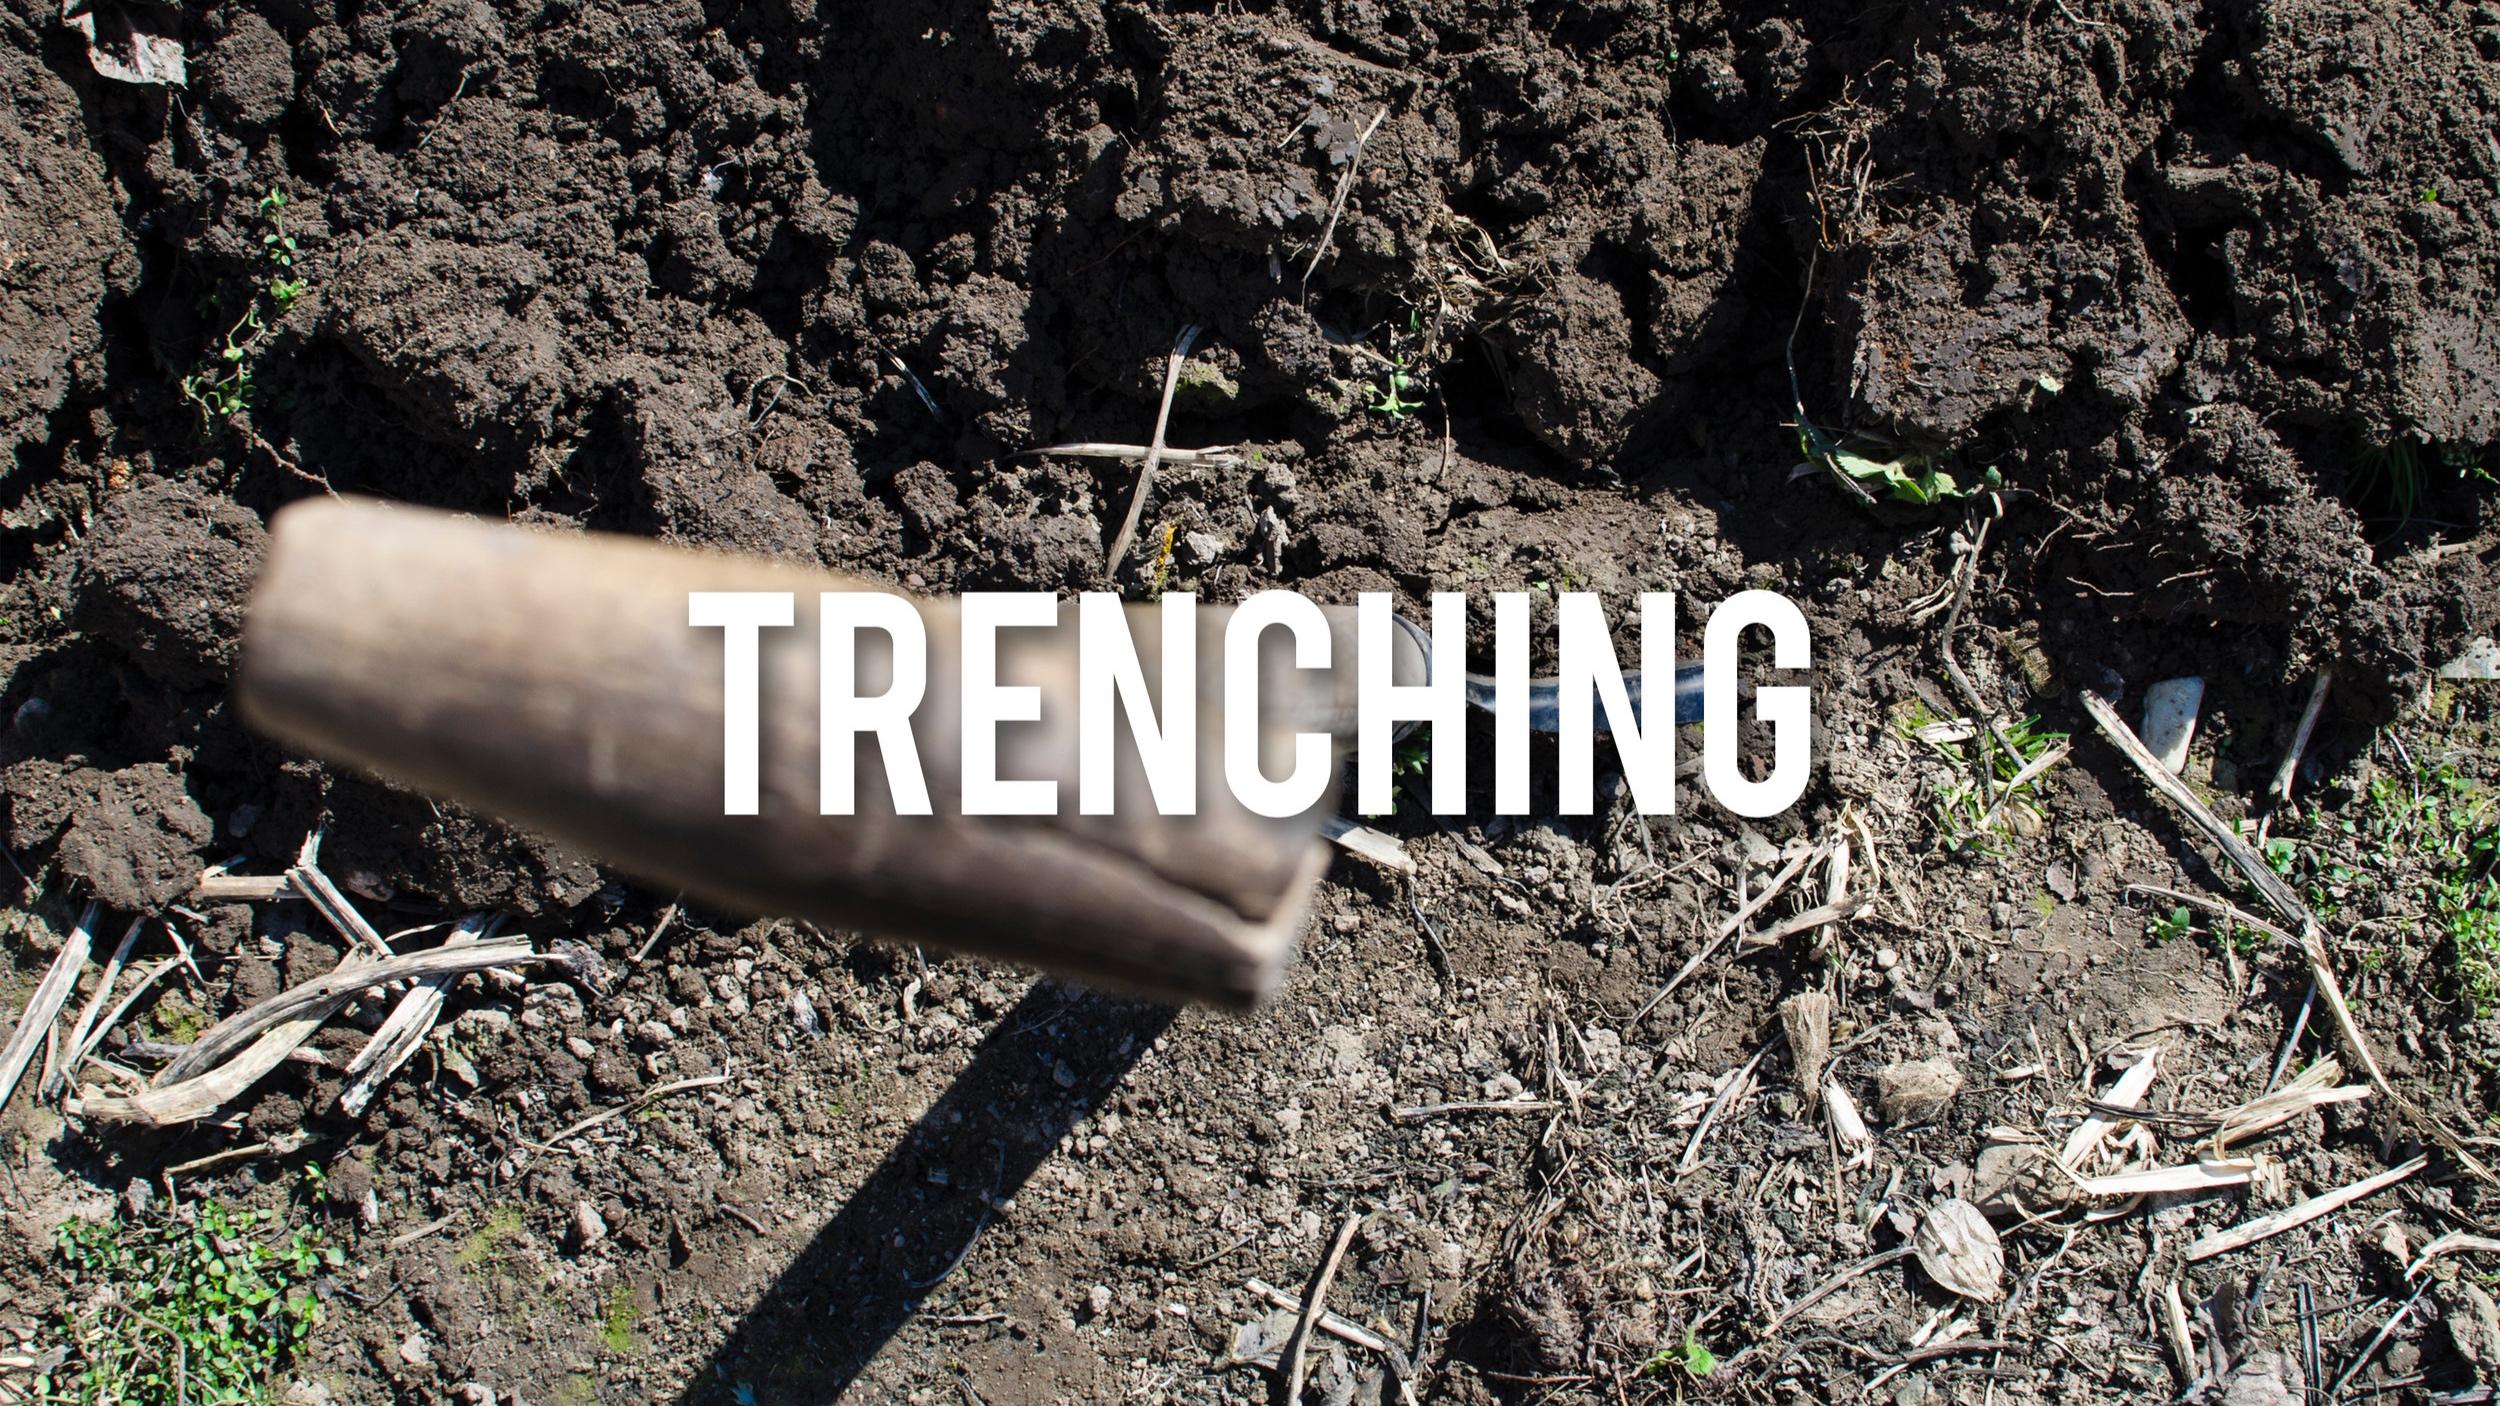 S.E Trenching.jpg